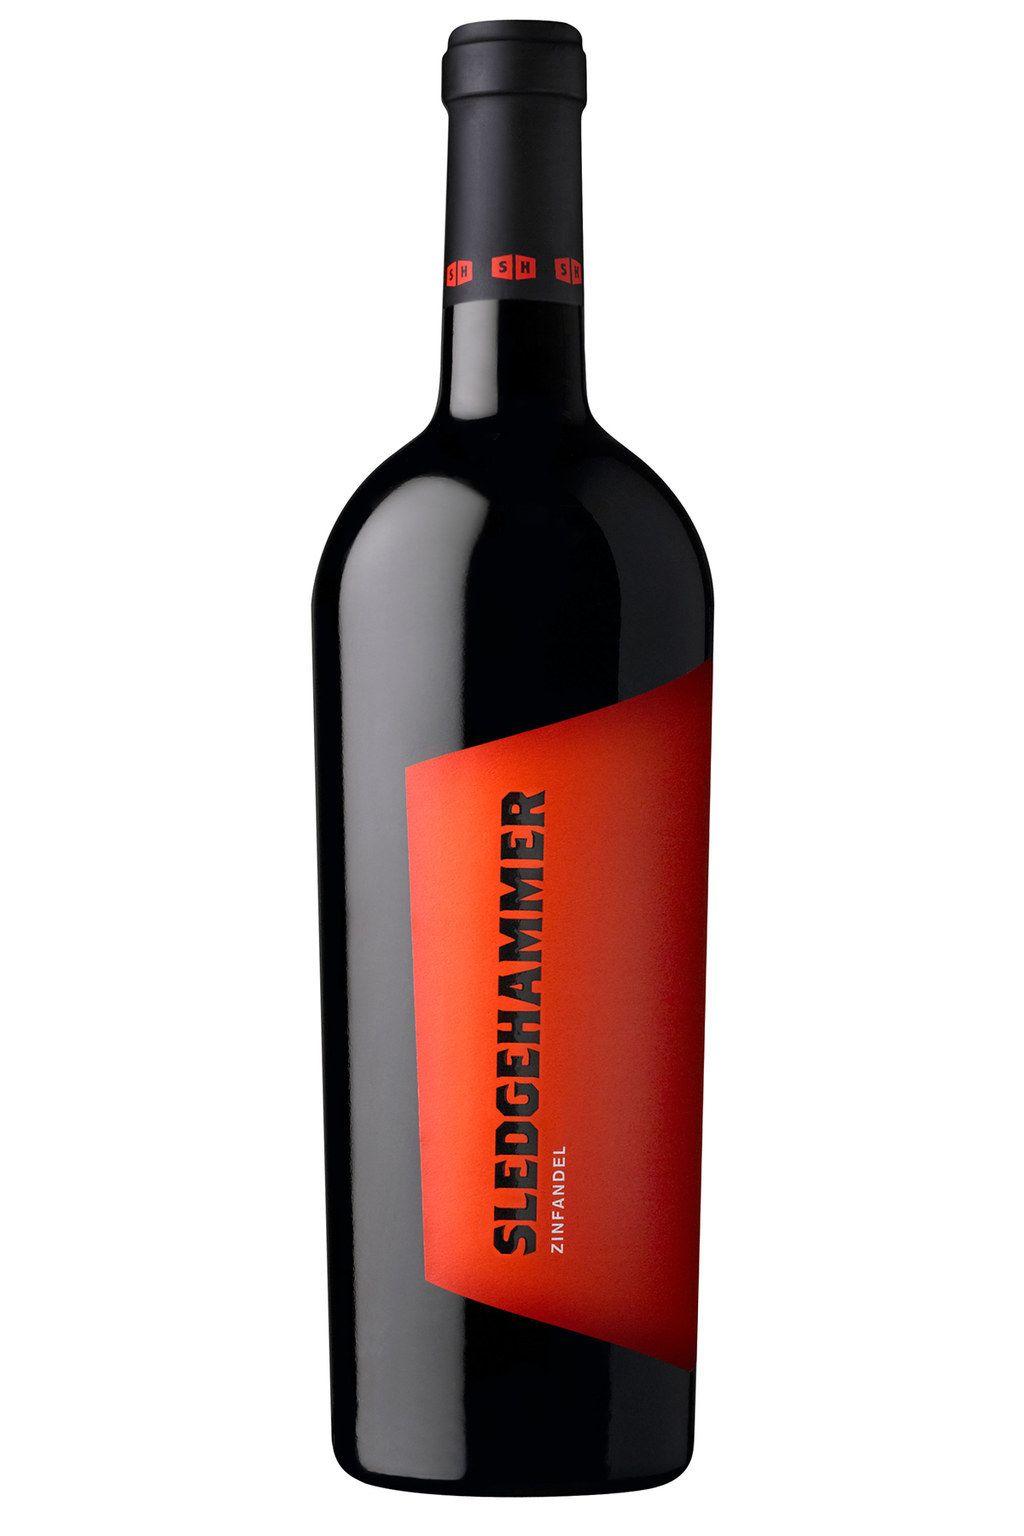 33 Brilliantly Designed Wine Bottles Creative Wine Label Wine Label Design Bottle